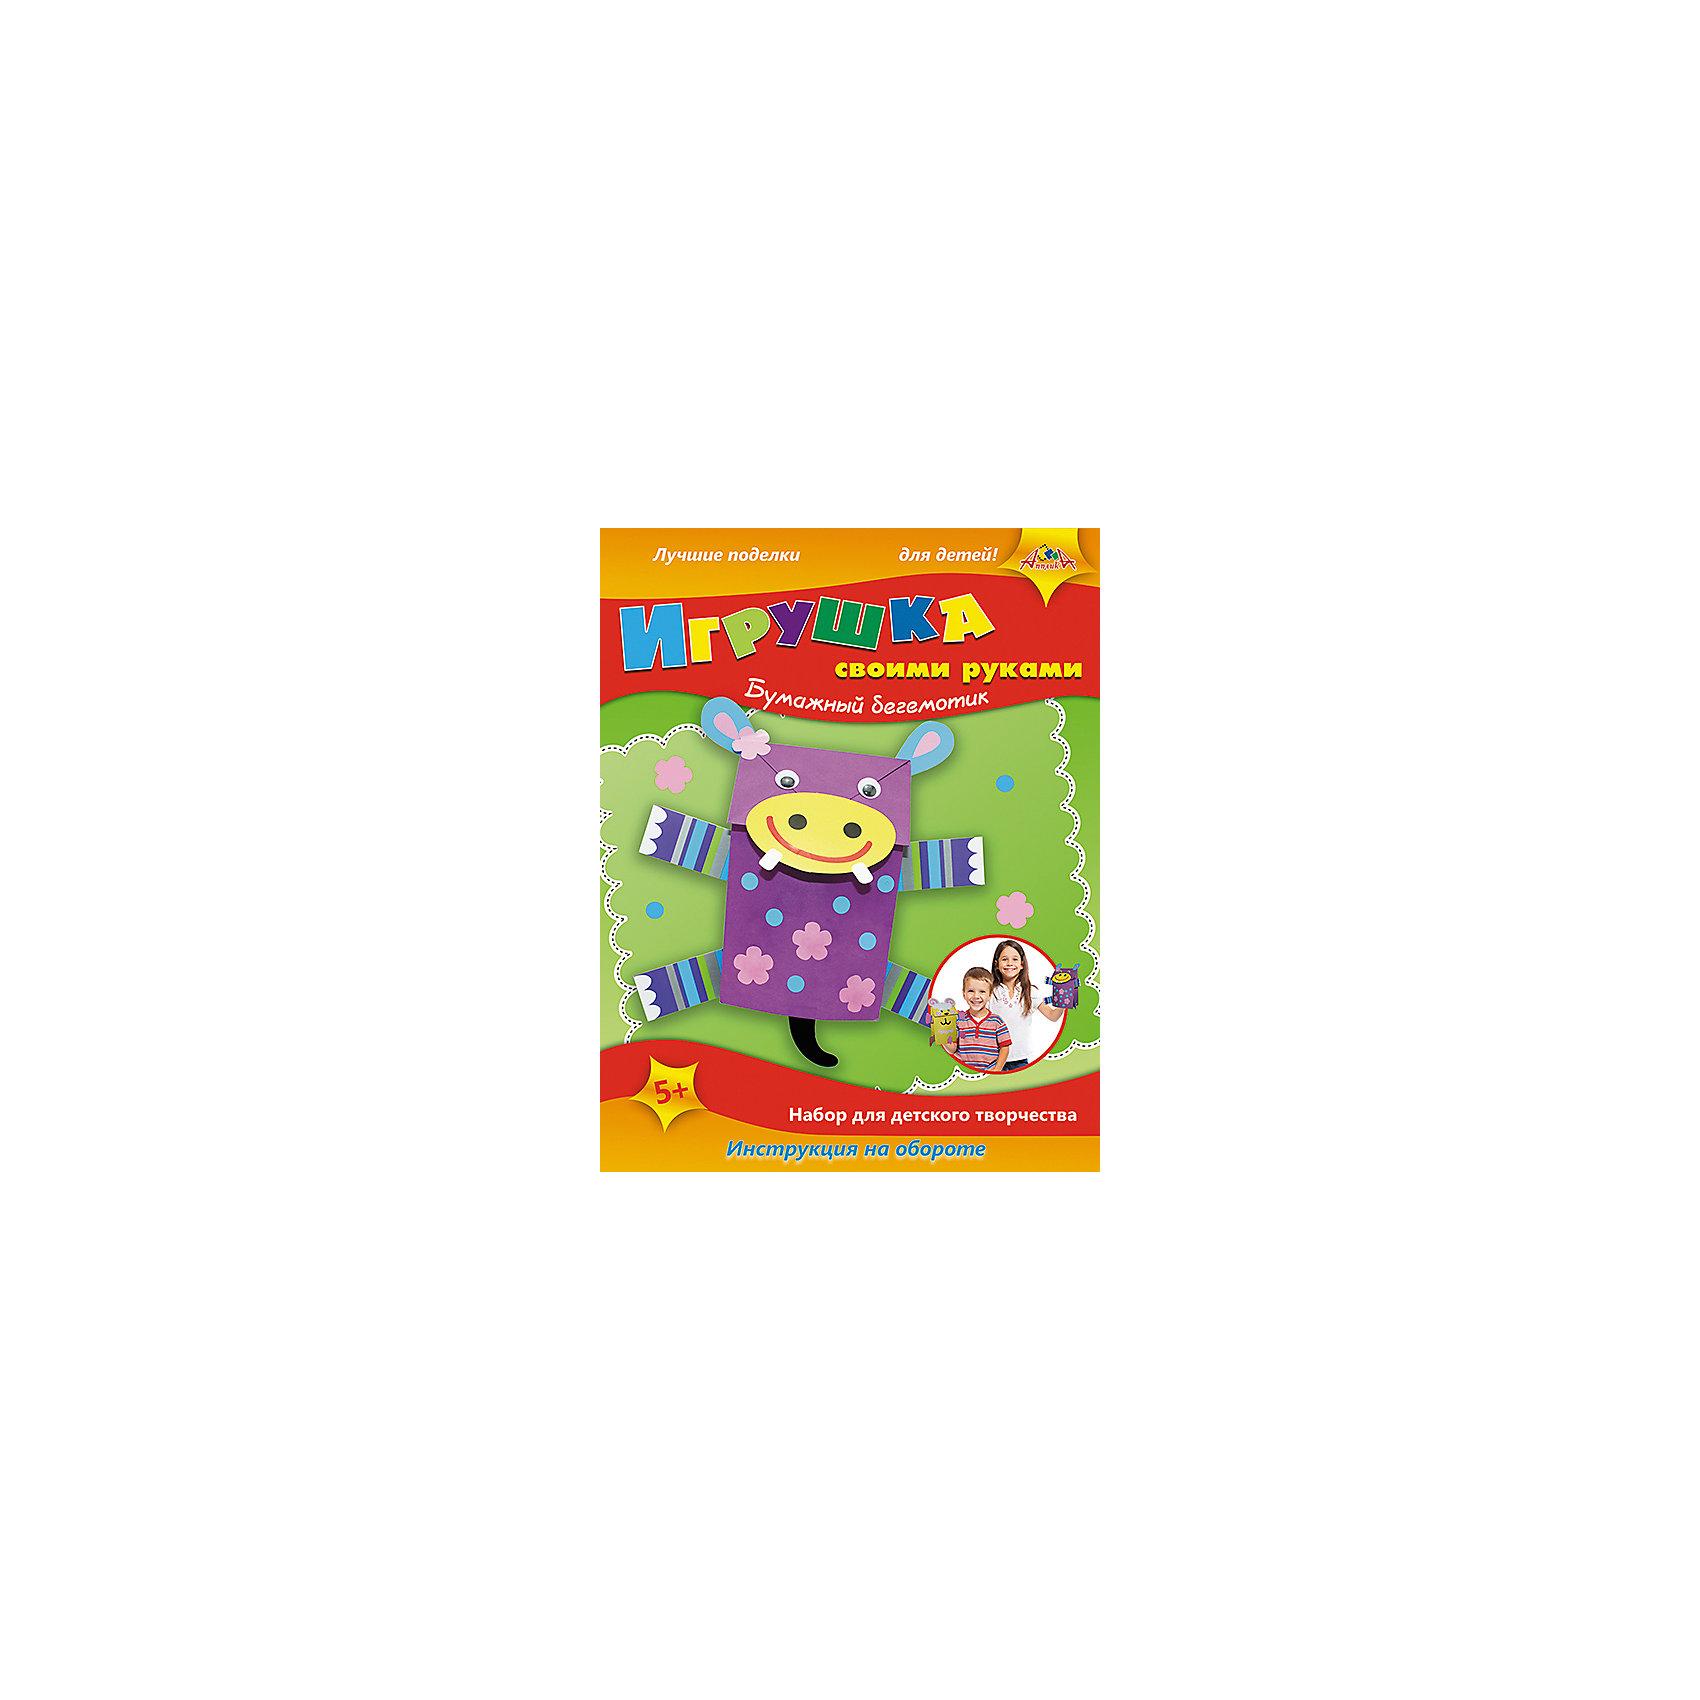 Набор для детского творчества Игрушки своими руками Бумажные Зебра, Кот и БегемотШитьё<br>Характеристики:<br><br>• возраст: от 5 лет<br>• комплектация: бумажные пакеты, самоклеящиеся элементы для декорирования, цветные детали из картона, бумажная веревка, глазки, двусторонний скотч.<br>• размер упаковки: 34х22х2,8 см.<br>• вес: 195 гр.<br><br>Игрушки своими руками могут быть одновременно и оригинальными подарочными пакетами, и игрушками, которые можно надеть на руку и играть. Для изготовления игрушек (зебры, овечки и бегемота) в наборе имеются бумажные пакеты, самоклеящиеся элементы для декорирования, цветные детали из картона, бумажная веревка, глазки, двусторонний скотч.<br><br>Набор для детского творчества способствует формированию у ребенка усидчивости, внимательности и аккуратности, развивает мелкую моторику рук.<br><br>Набор для детского творчества «Игрушки своими руками Бумажные Зебра, Овечка и Бегемот» можно купить в нашем интернет-магазине.<br><br>Ширина мм: 340<br>Глубина мм: 220<br>Высота мм: 28<br>Вес г: 195<br>Возраст от месяцев: 36<br>Возраст до месяцев: 2147483647<br>Пол: Унисекс<br>Возраст: Детский<br>SKU: 7033668